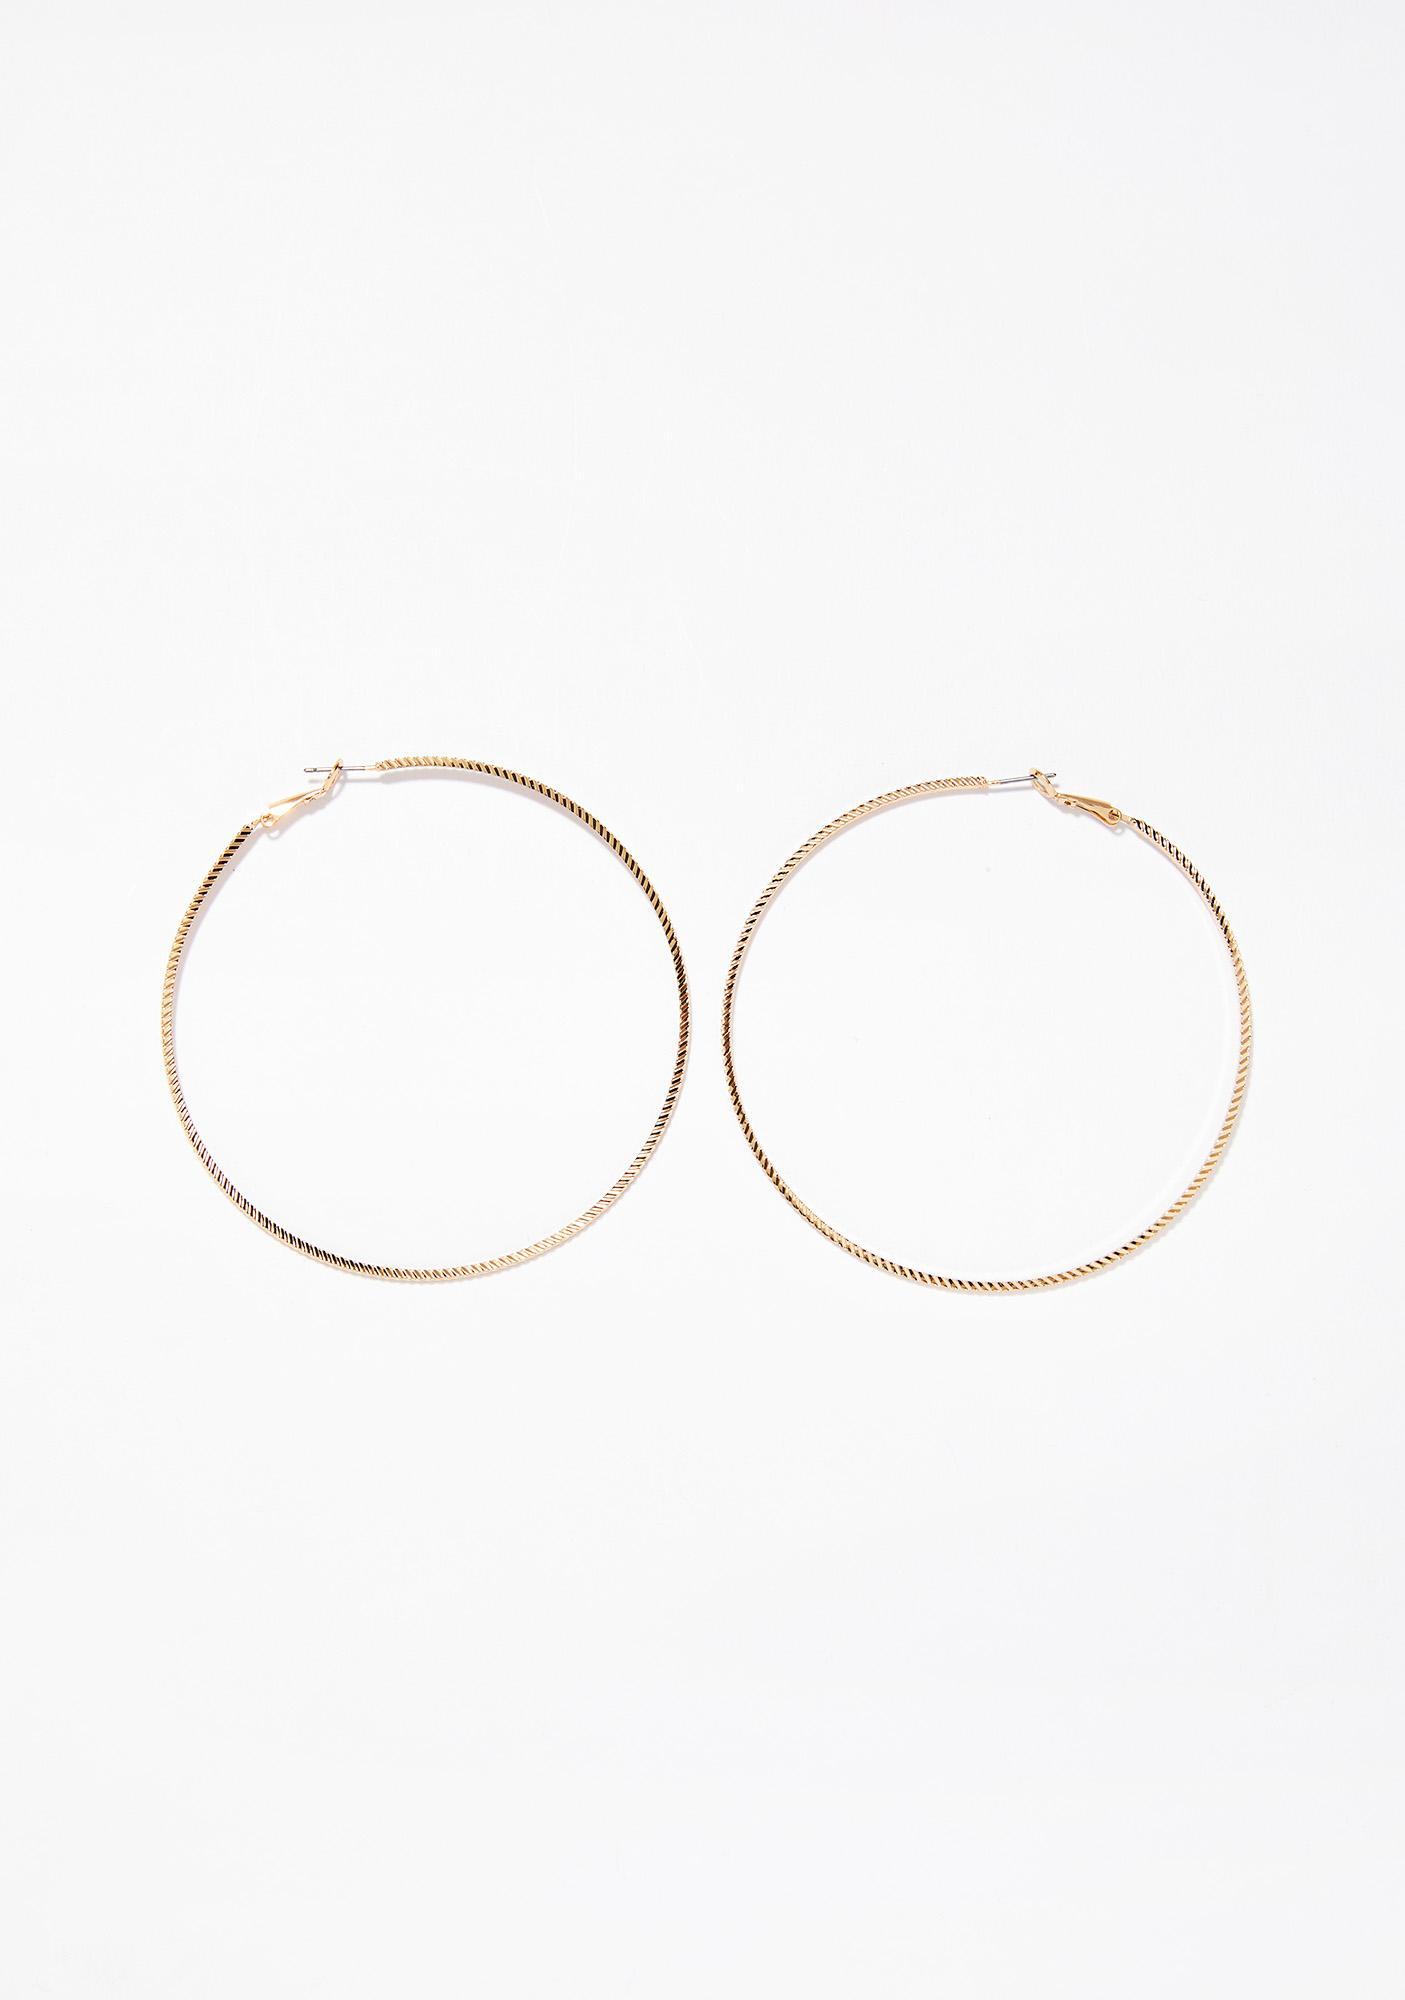 Winners Circle Hoop Earrings